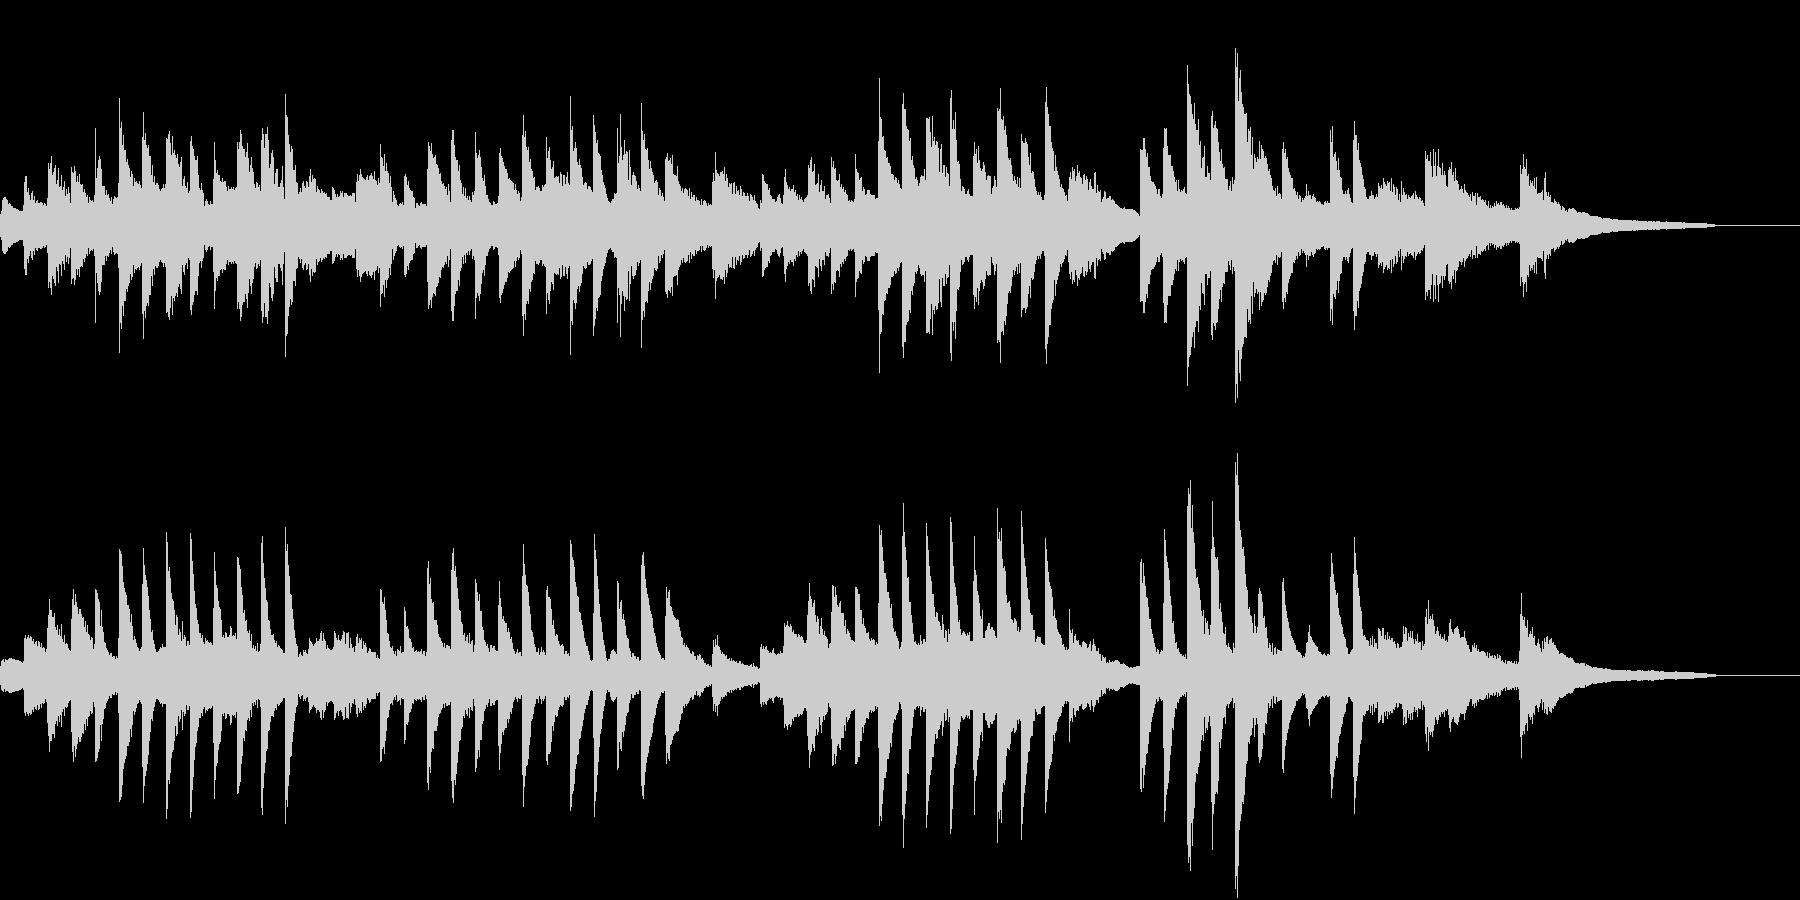 ヨナ抜き音階の涼しく美しいピアノジングルの未再生の波形